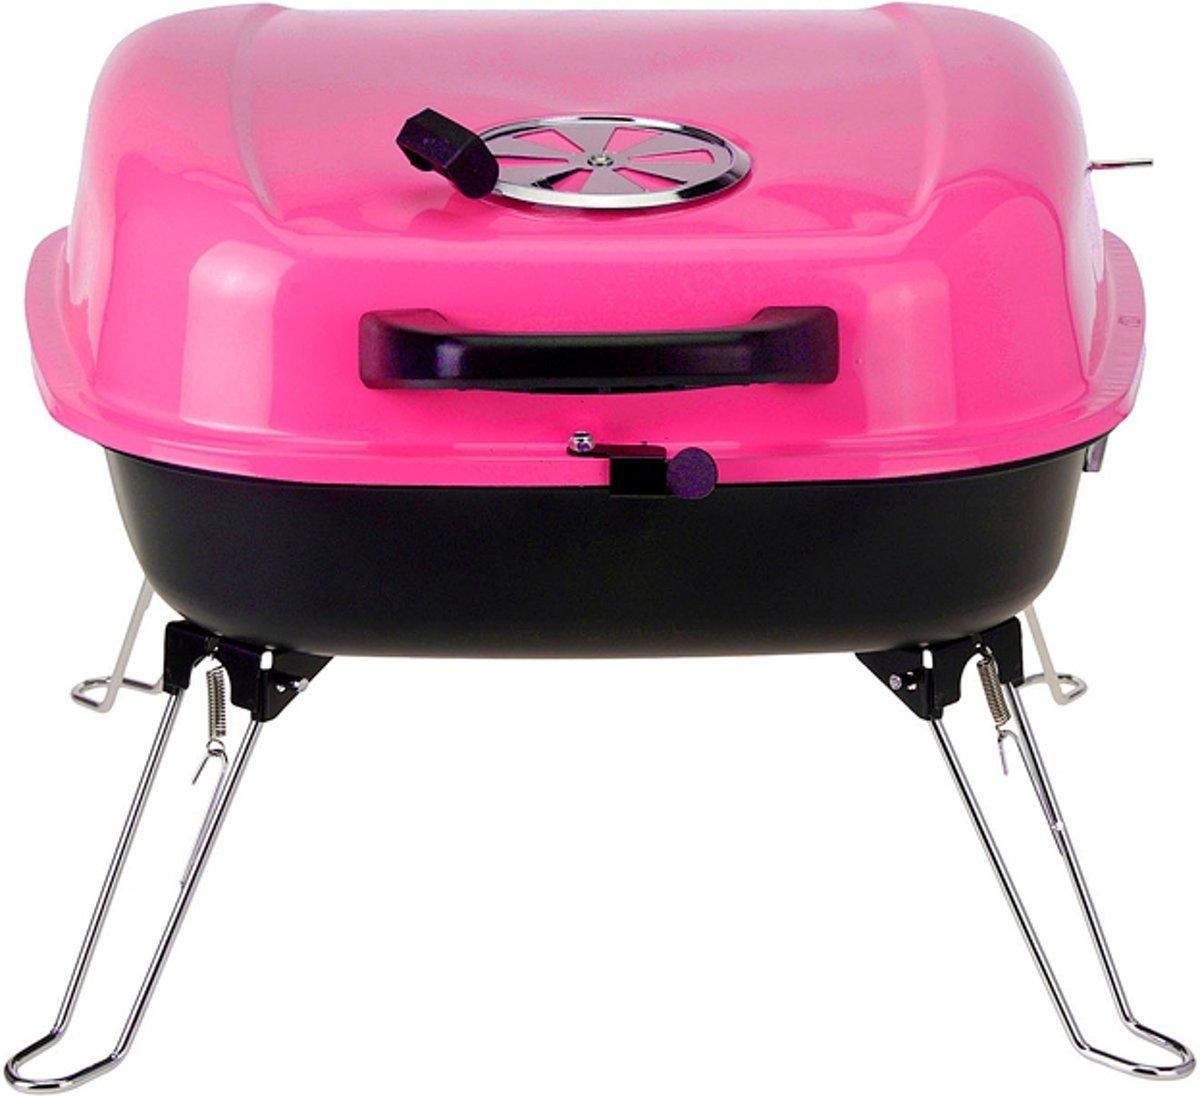 BBQ Collection Tafelbarbecue met voorraadrek - Roze kopen